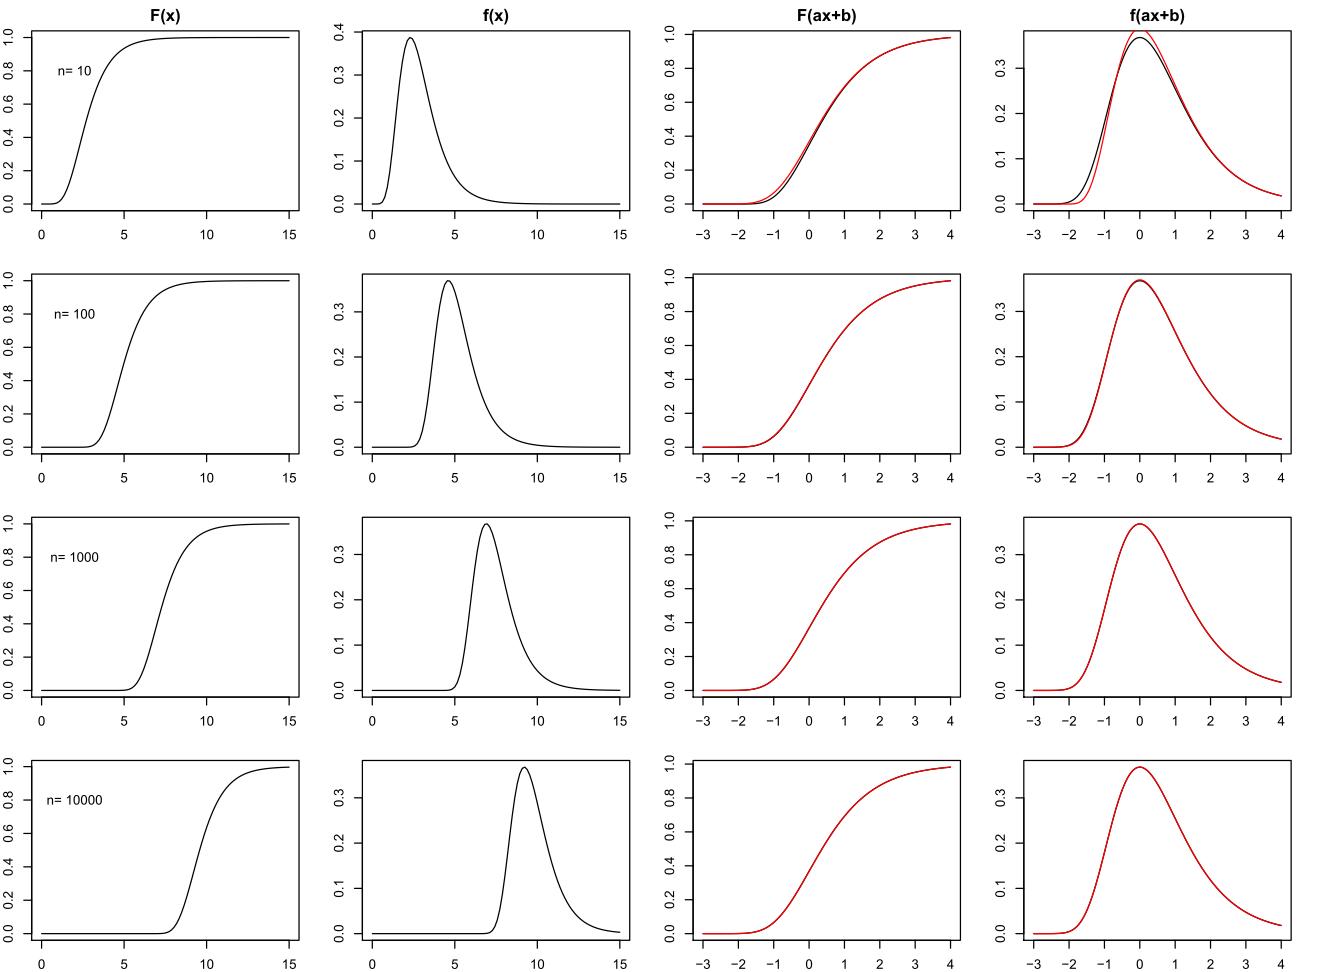 Eigenschaften des Maximums von exponentialverteilten Zufallszahlen